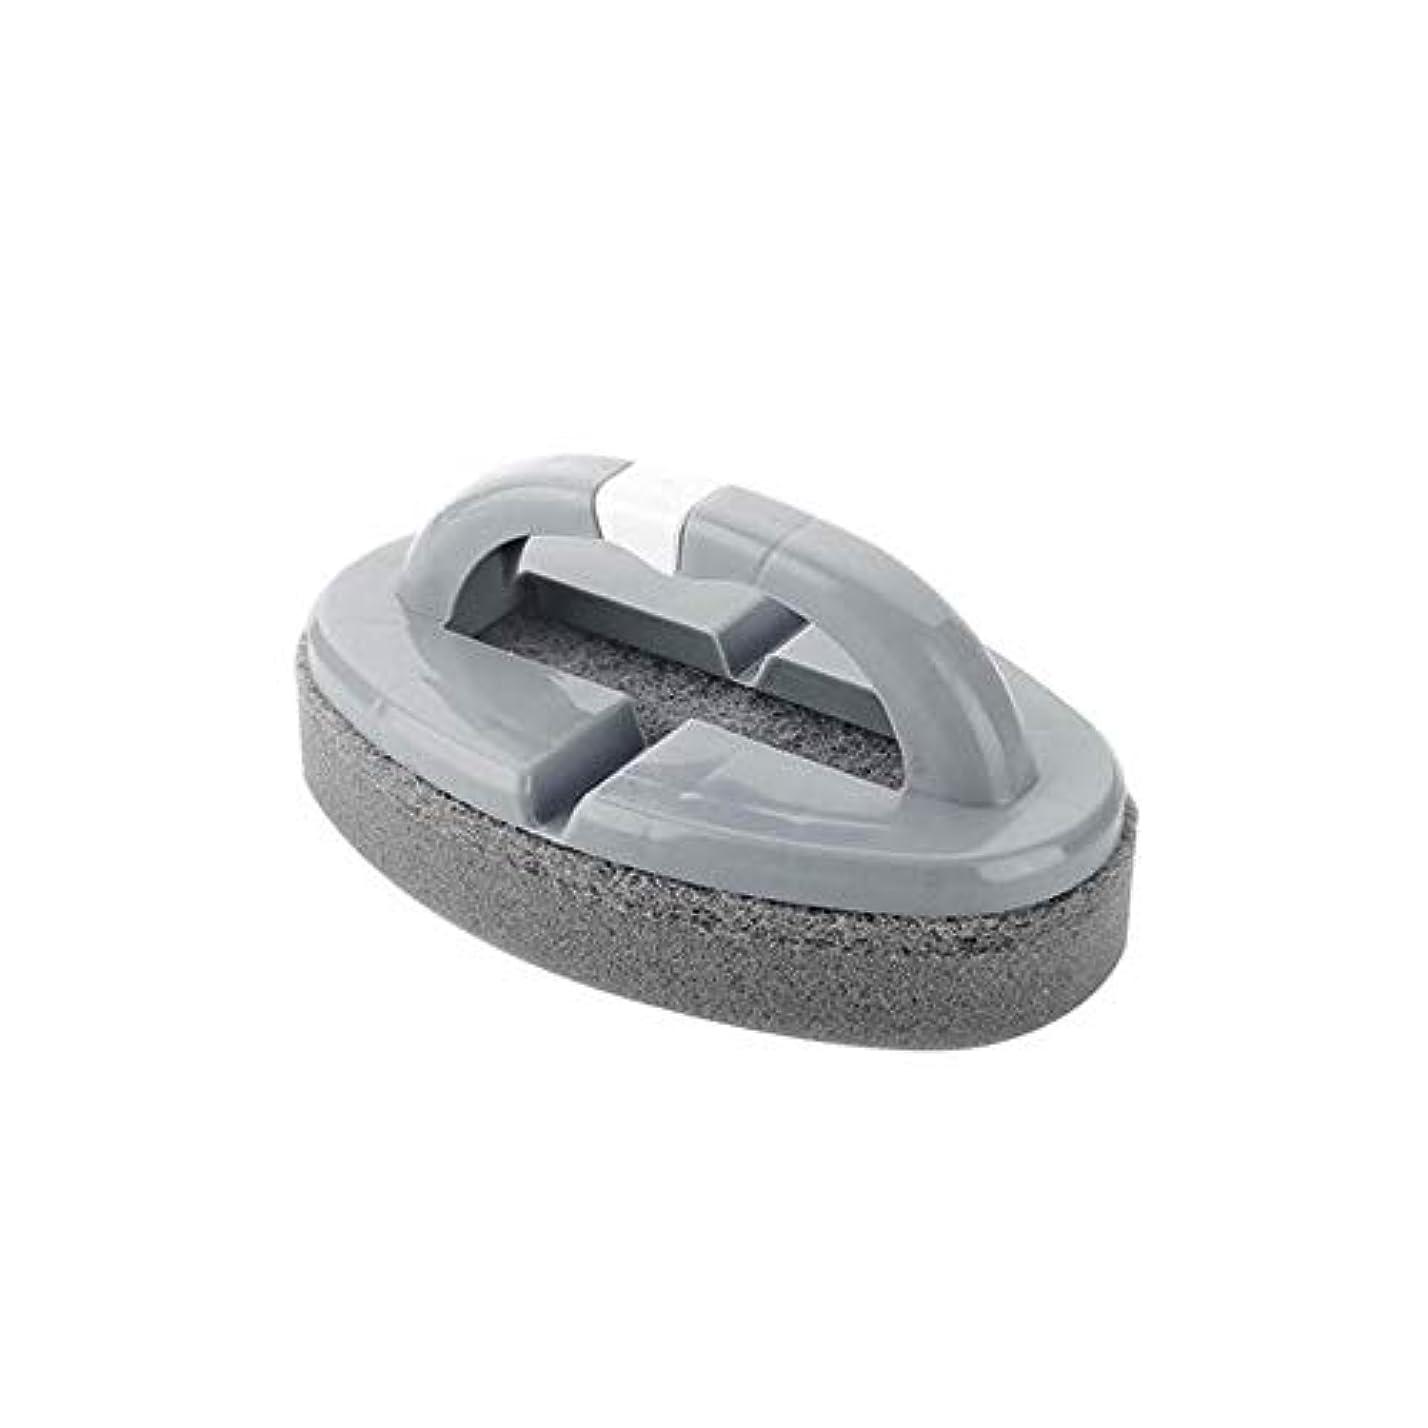 デザイナー写真のローマ人ポアクリーニング 折りたたみスポンジハンドル付きハンドルバスルームタイルクリーニングブラシ2 PCS マッサージブラシ (色 : C)